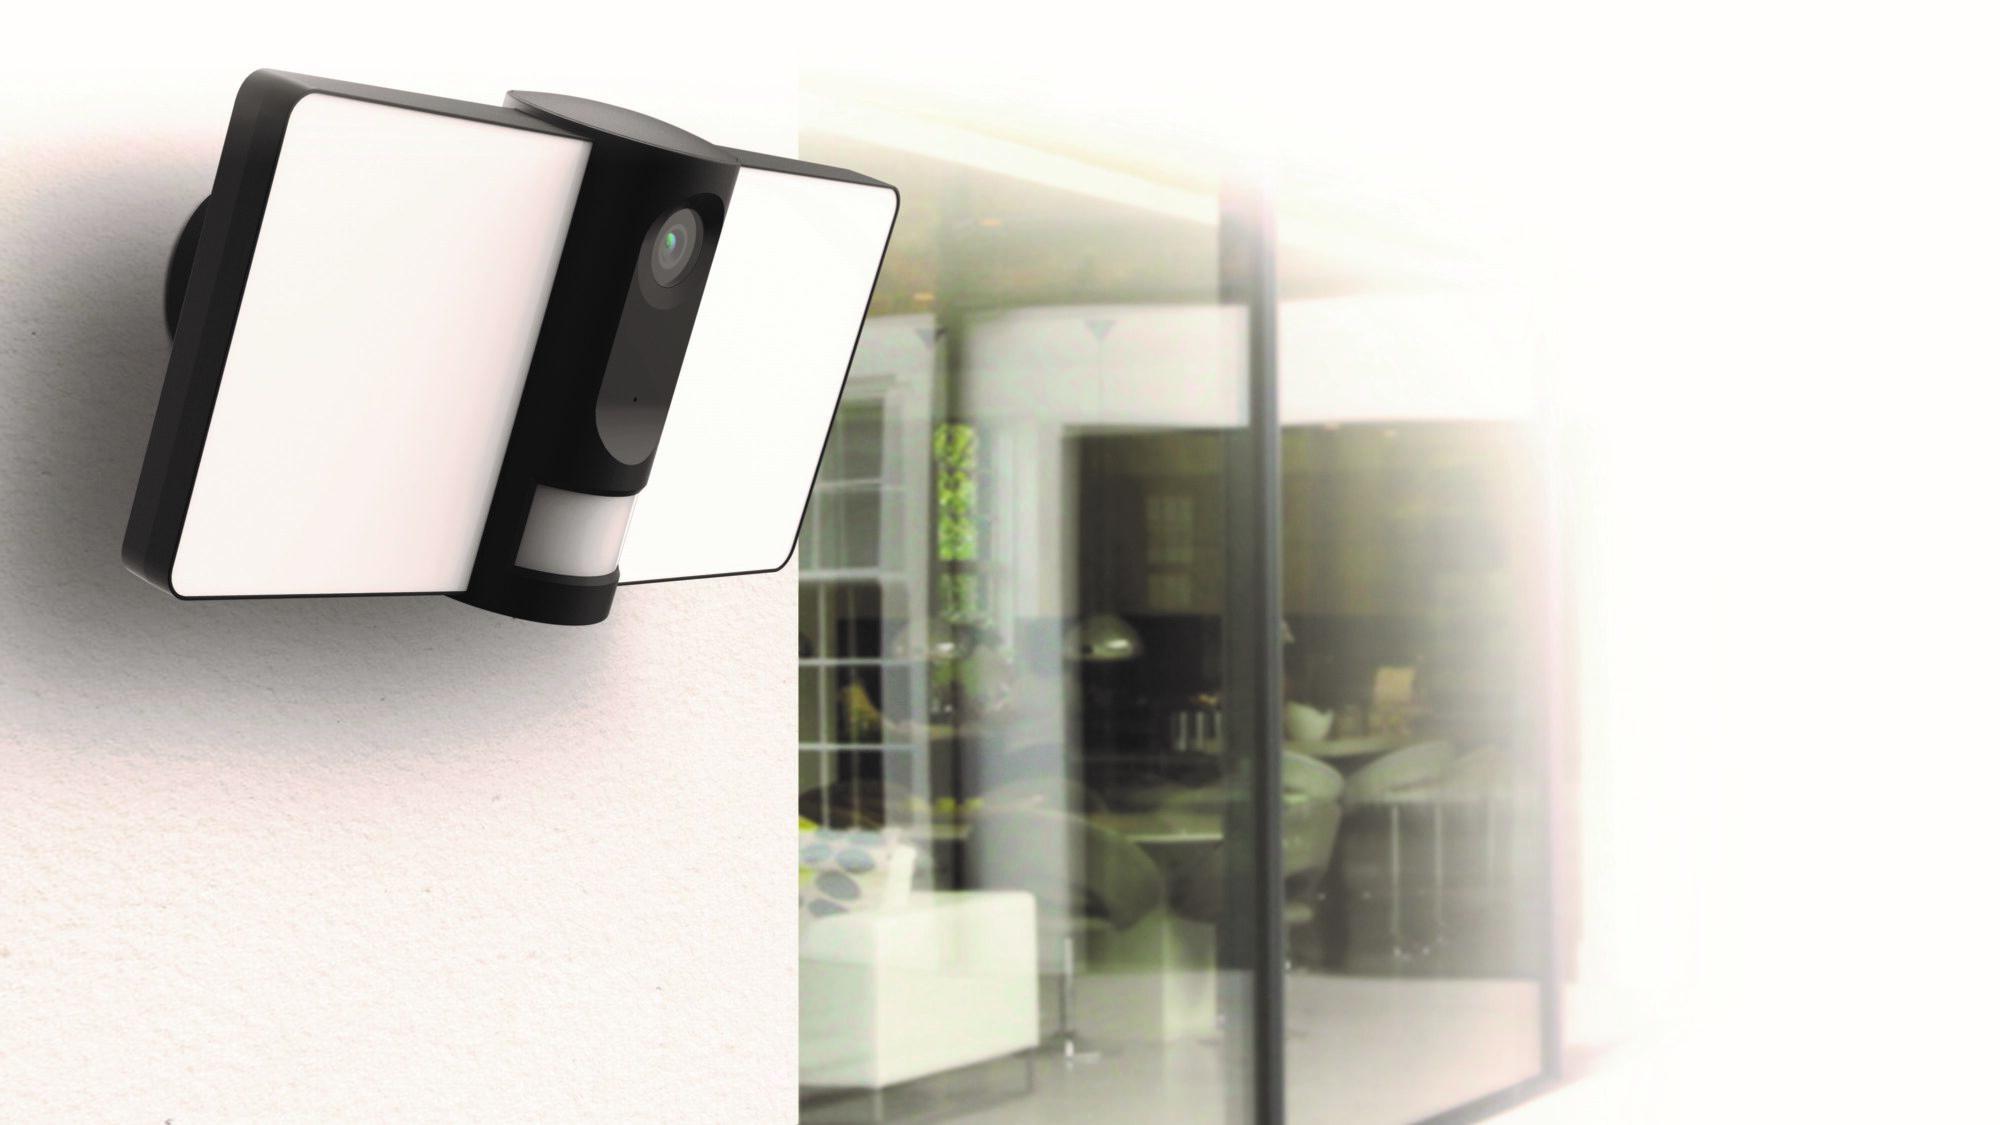 Avidsen Home: nuovi dispositivi smart per l'assistenza vocale thumbnail